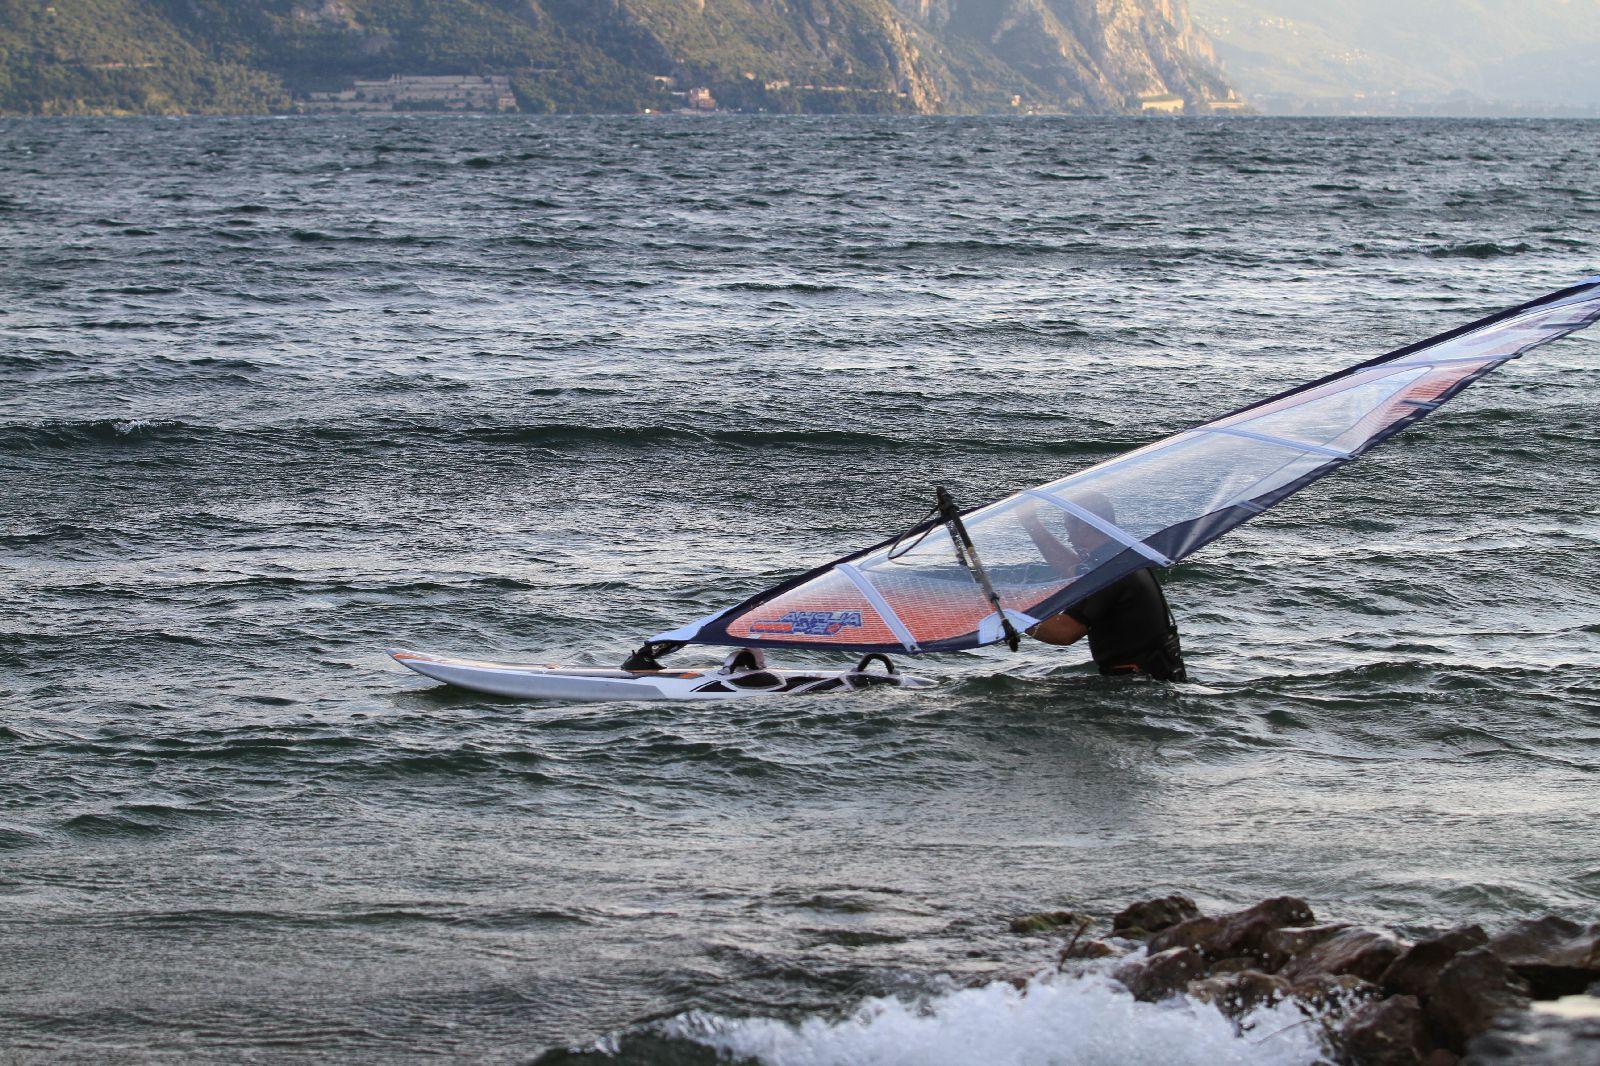 Windsurfen_Lago_die_Garda_IMG_0798.JPG